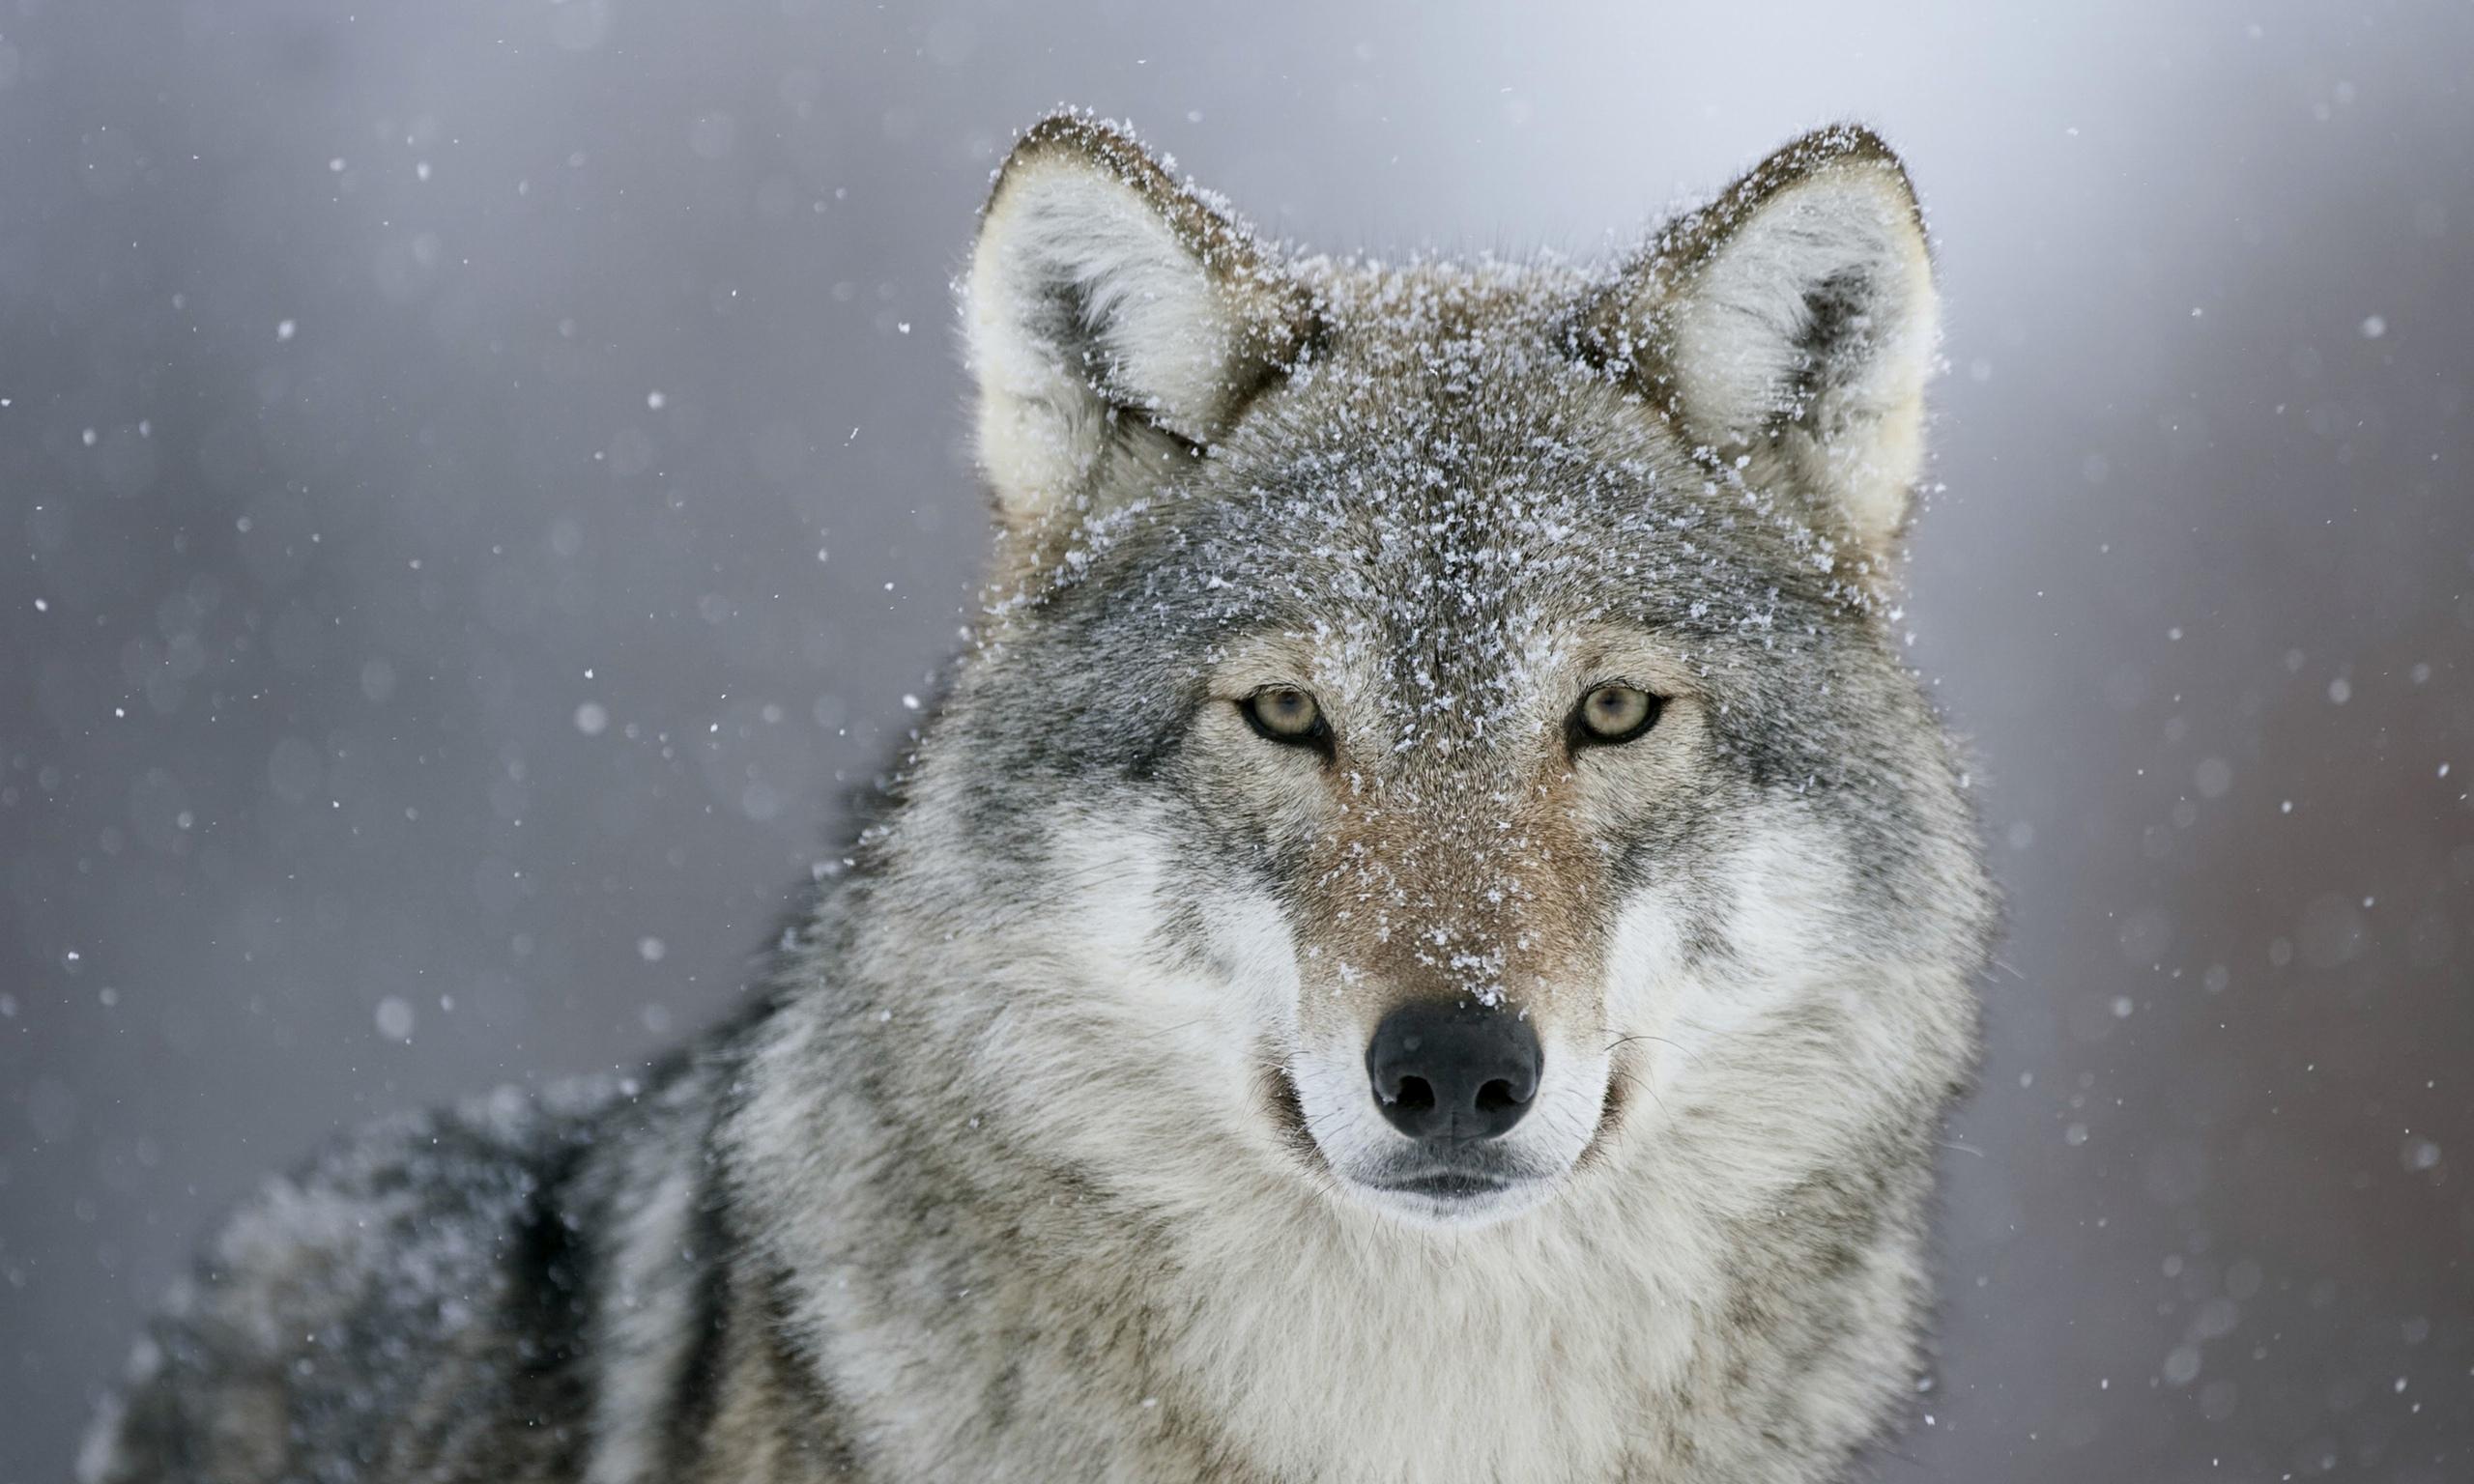 雪の中でこちらをじっと見つめる狼